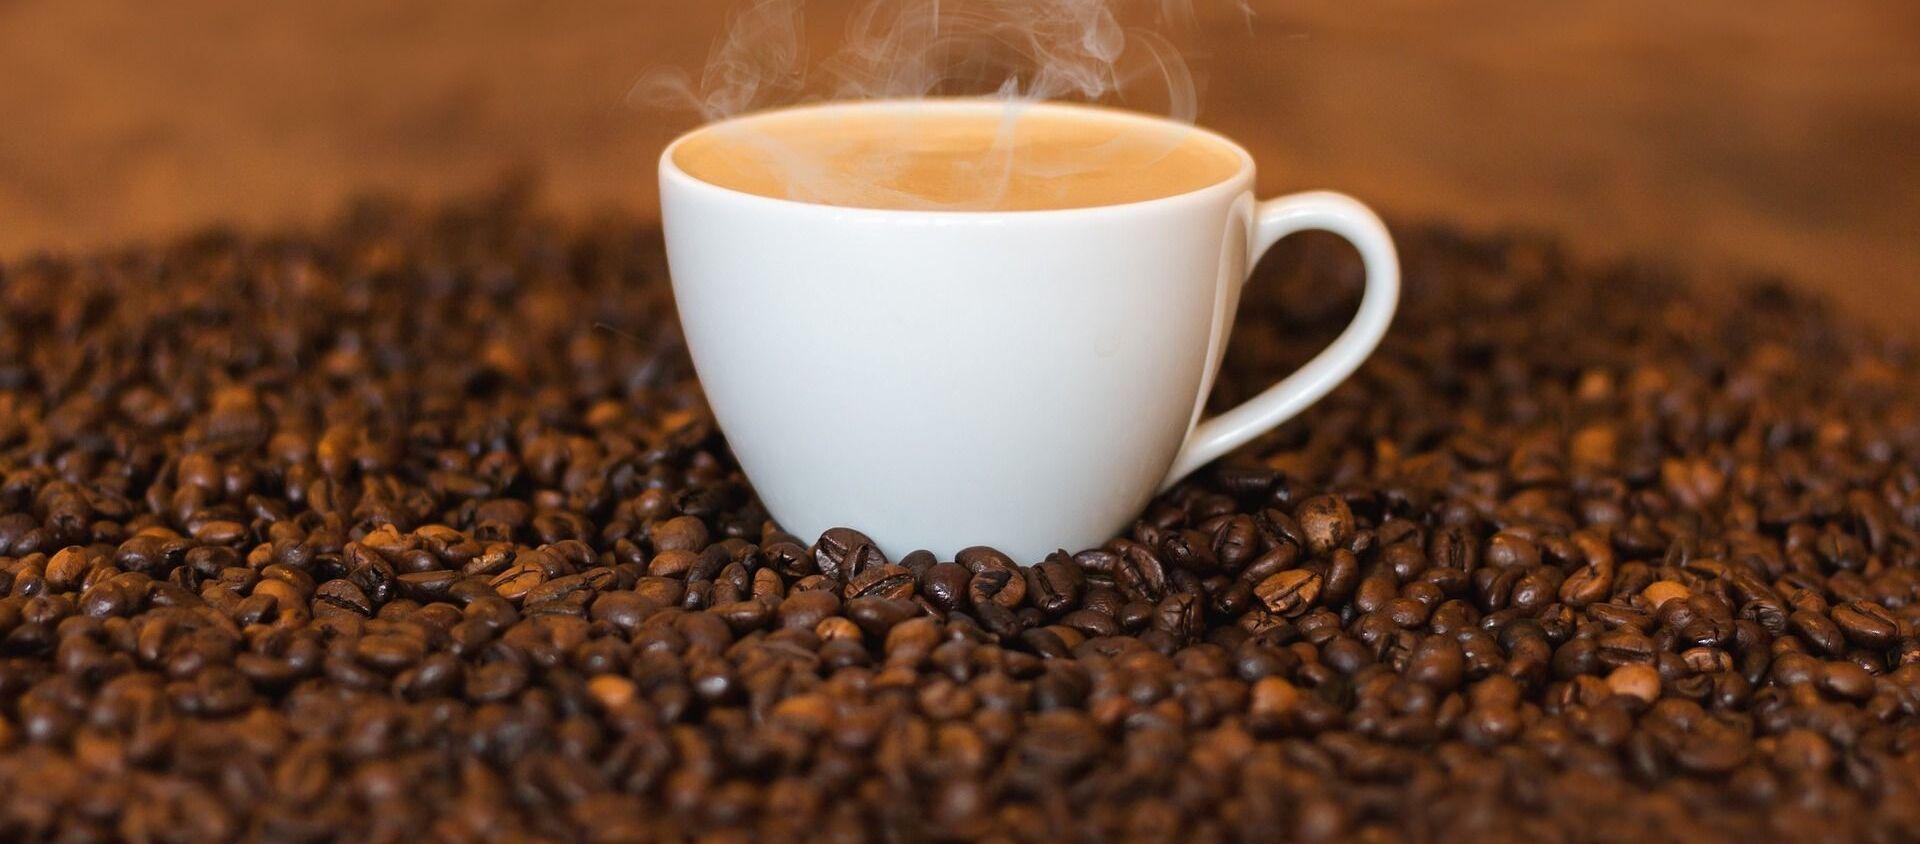 コーヒー豆アラビカが価格高騰 2016年以来 - Sputnik 日本, 1920, 13.07.2021